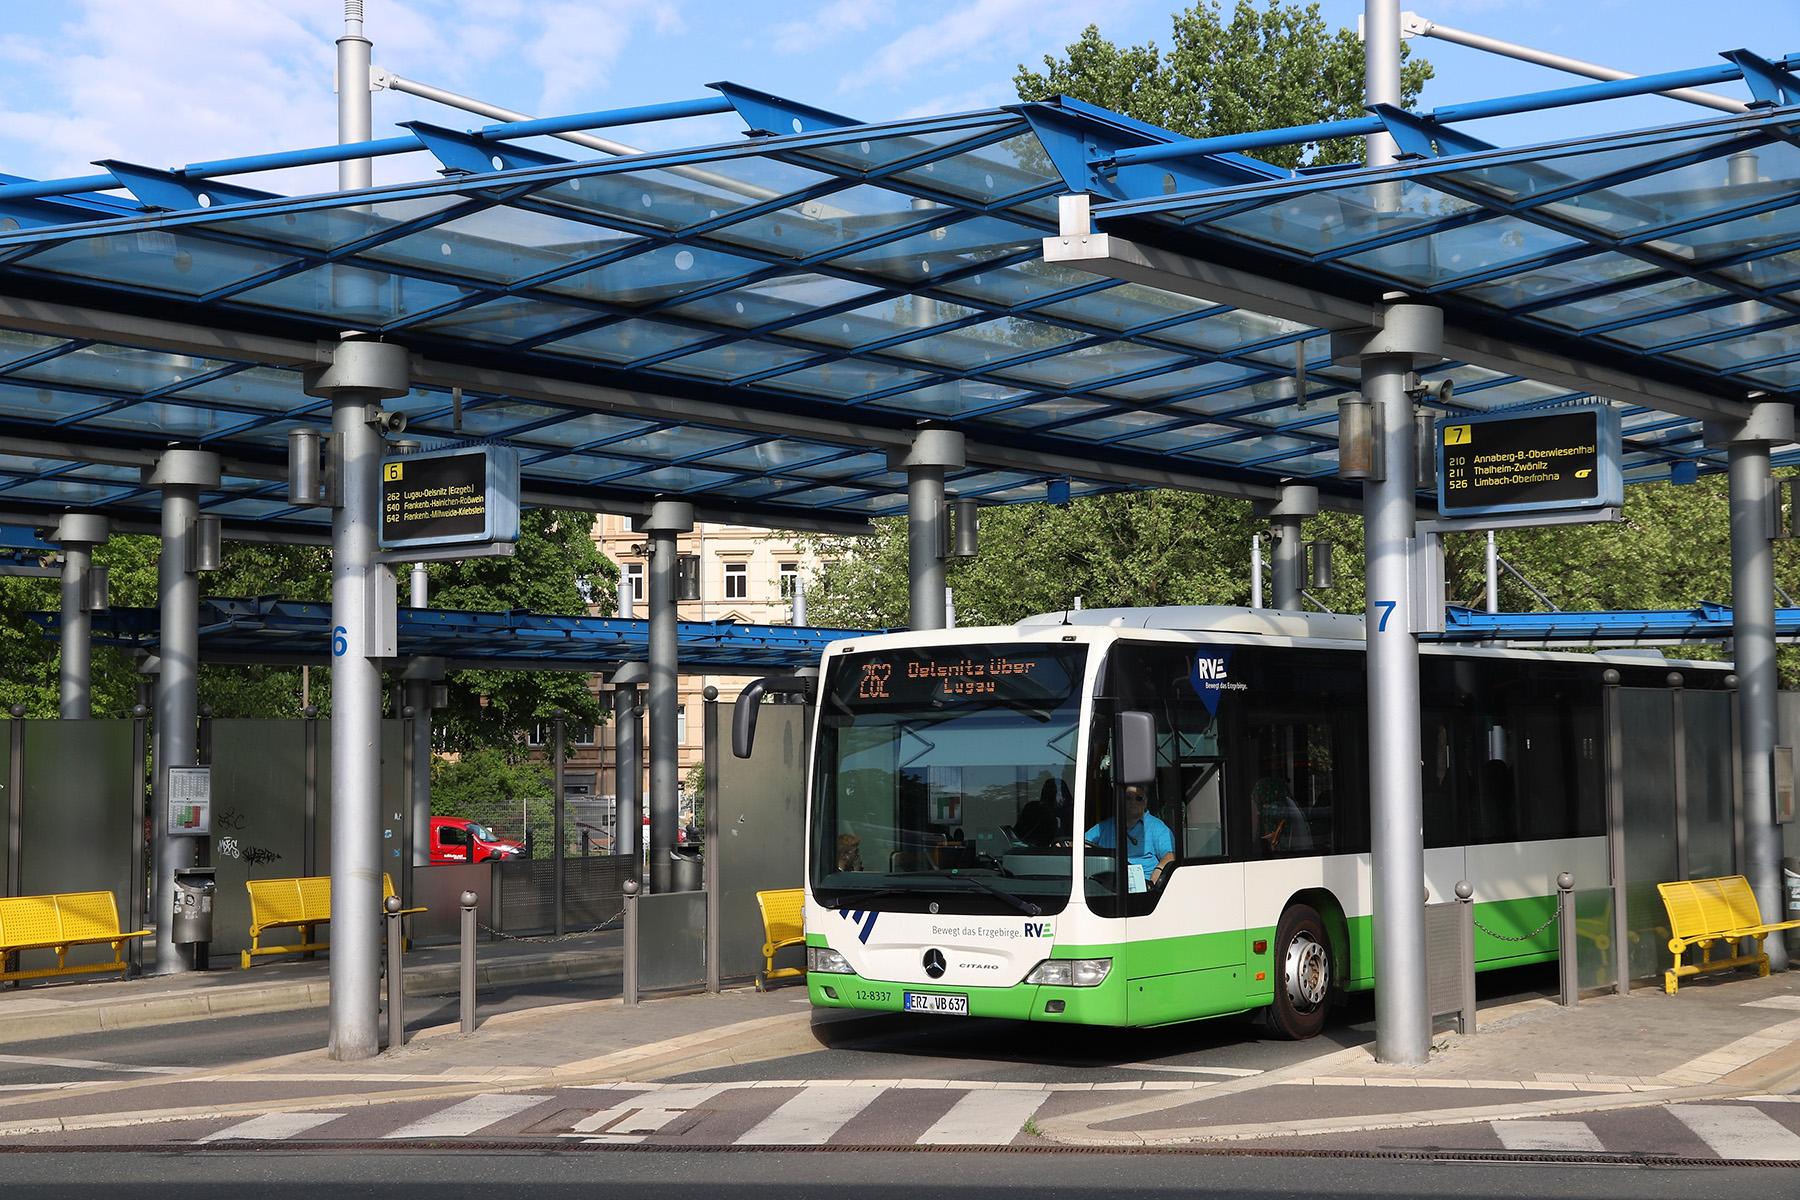 Bus station in Chemnitz